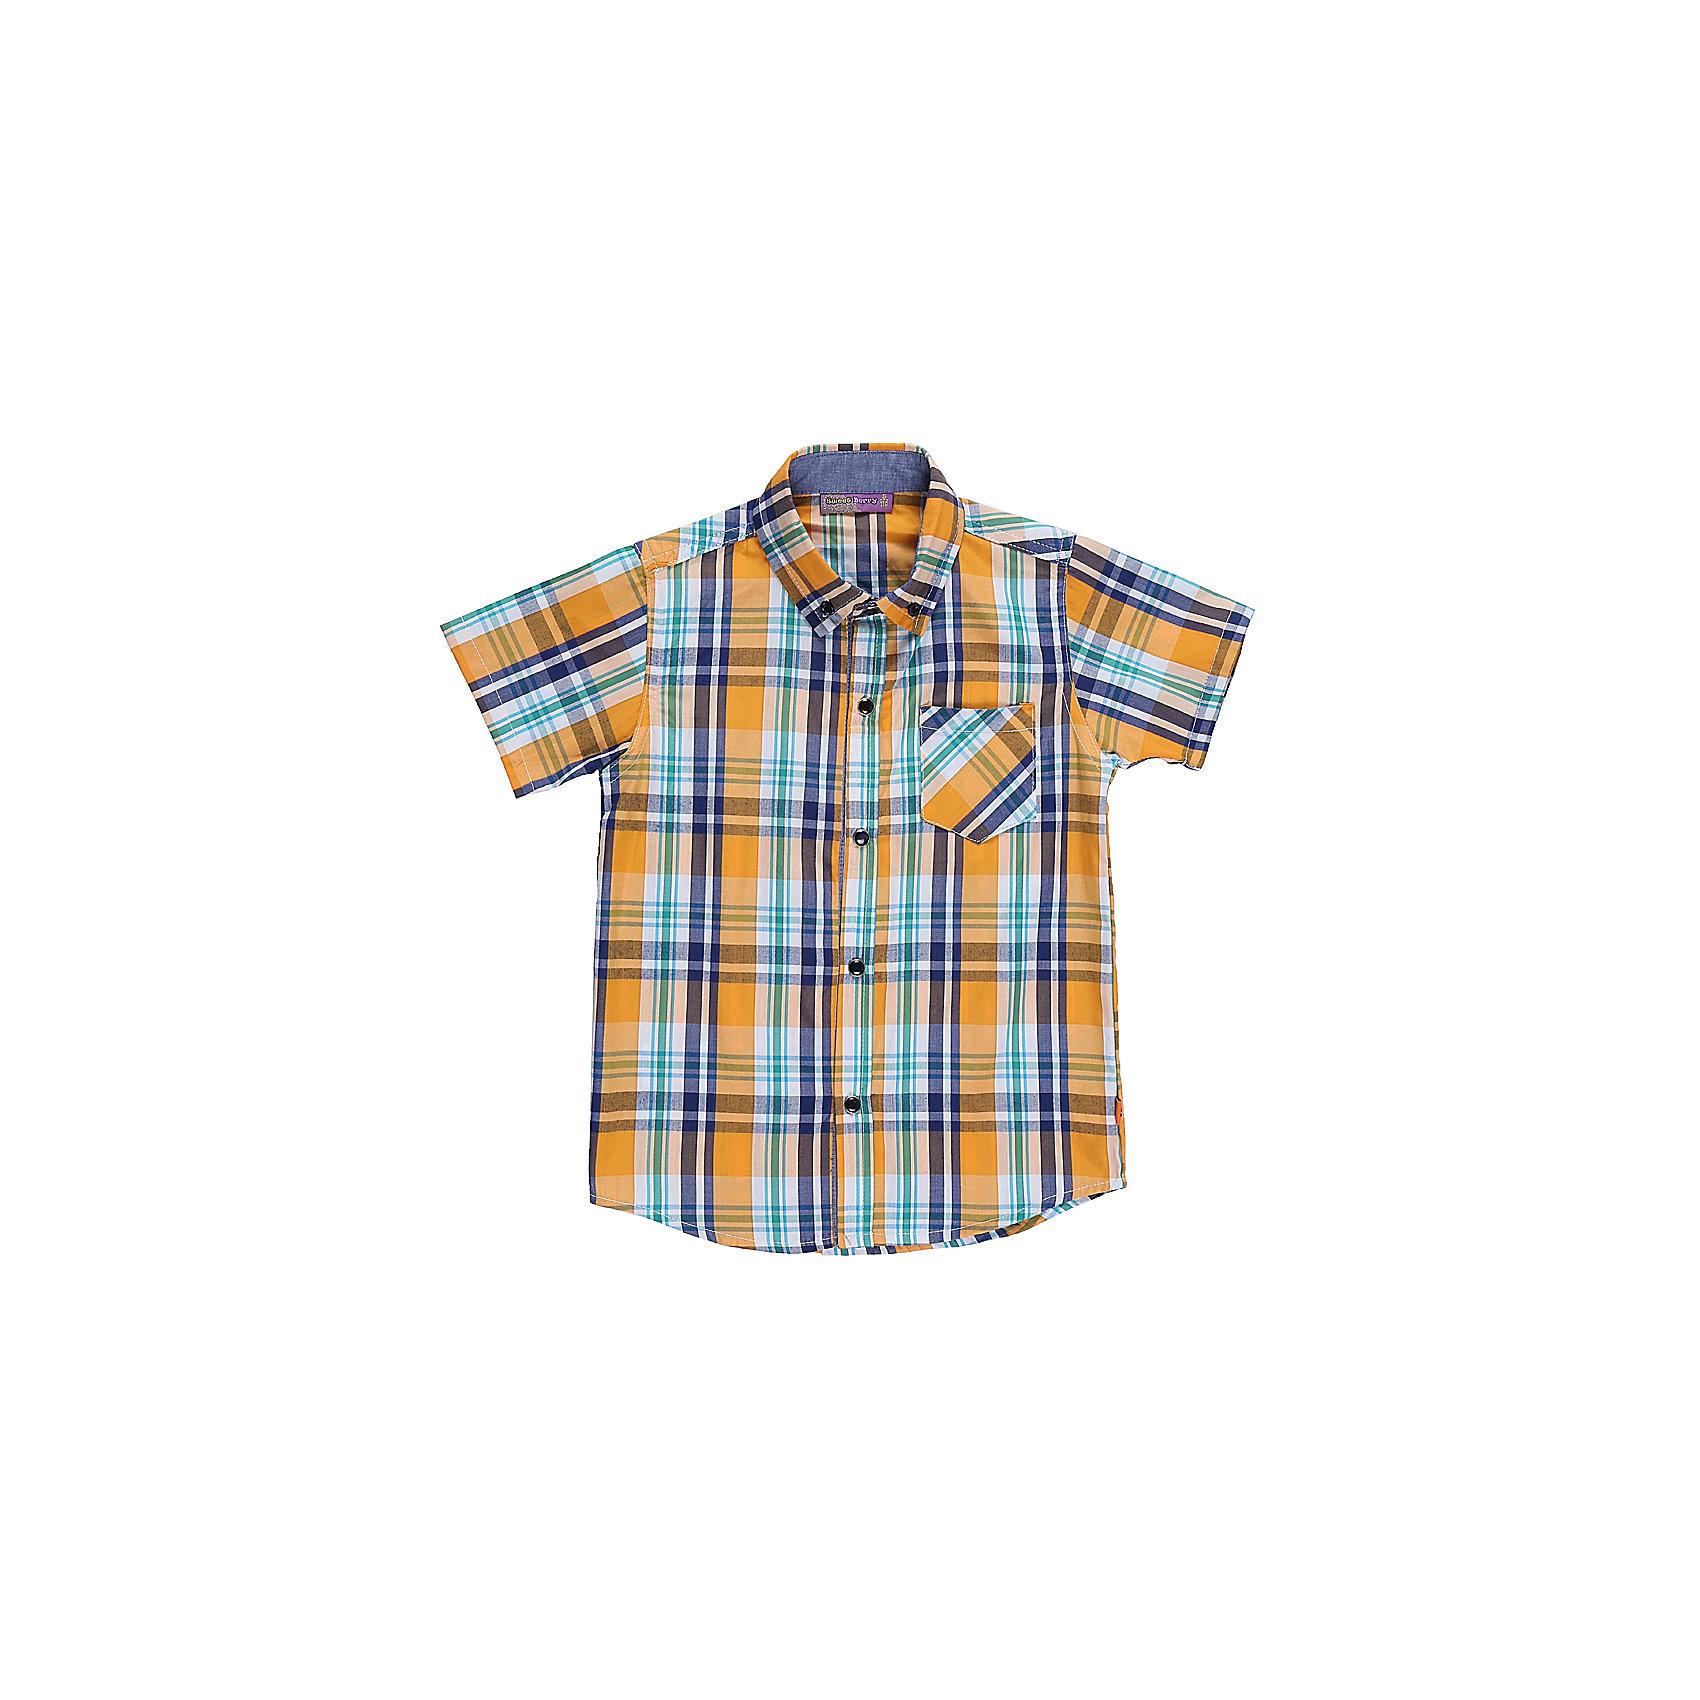 Рубашка для мальчика Sweet BerryБлузки и рубашки<br>Текстильная рубашка из хлопка в клетку для мальчика. Короткий рукав, накладной карман на левой полочке. Застегивается на кнопки. Отложной воротничок.<br>Состав:<br>100%хлопок<br><br>Ширина мм: 174<br>Глубина мм: 10<br>Высота мм: 169<br>Вес г: 157<br>Цвет: белый<br>Возраст от месяцев: 36<br>Возраст до месяцев: 48<br>Пол: Мужской<br>Возраст: Детский<br>Размер: 104,98,110,116,122,128<br>SKU: 5410414